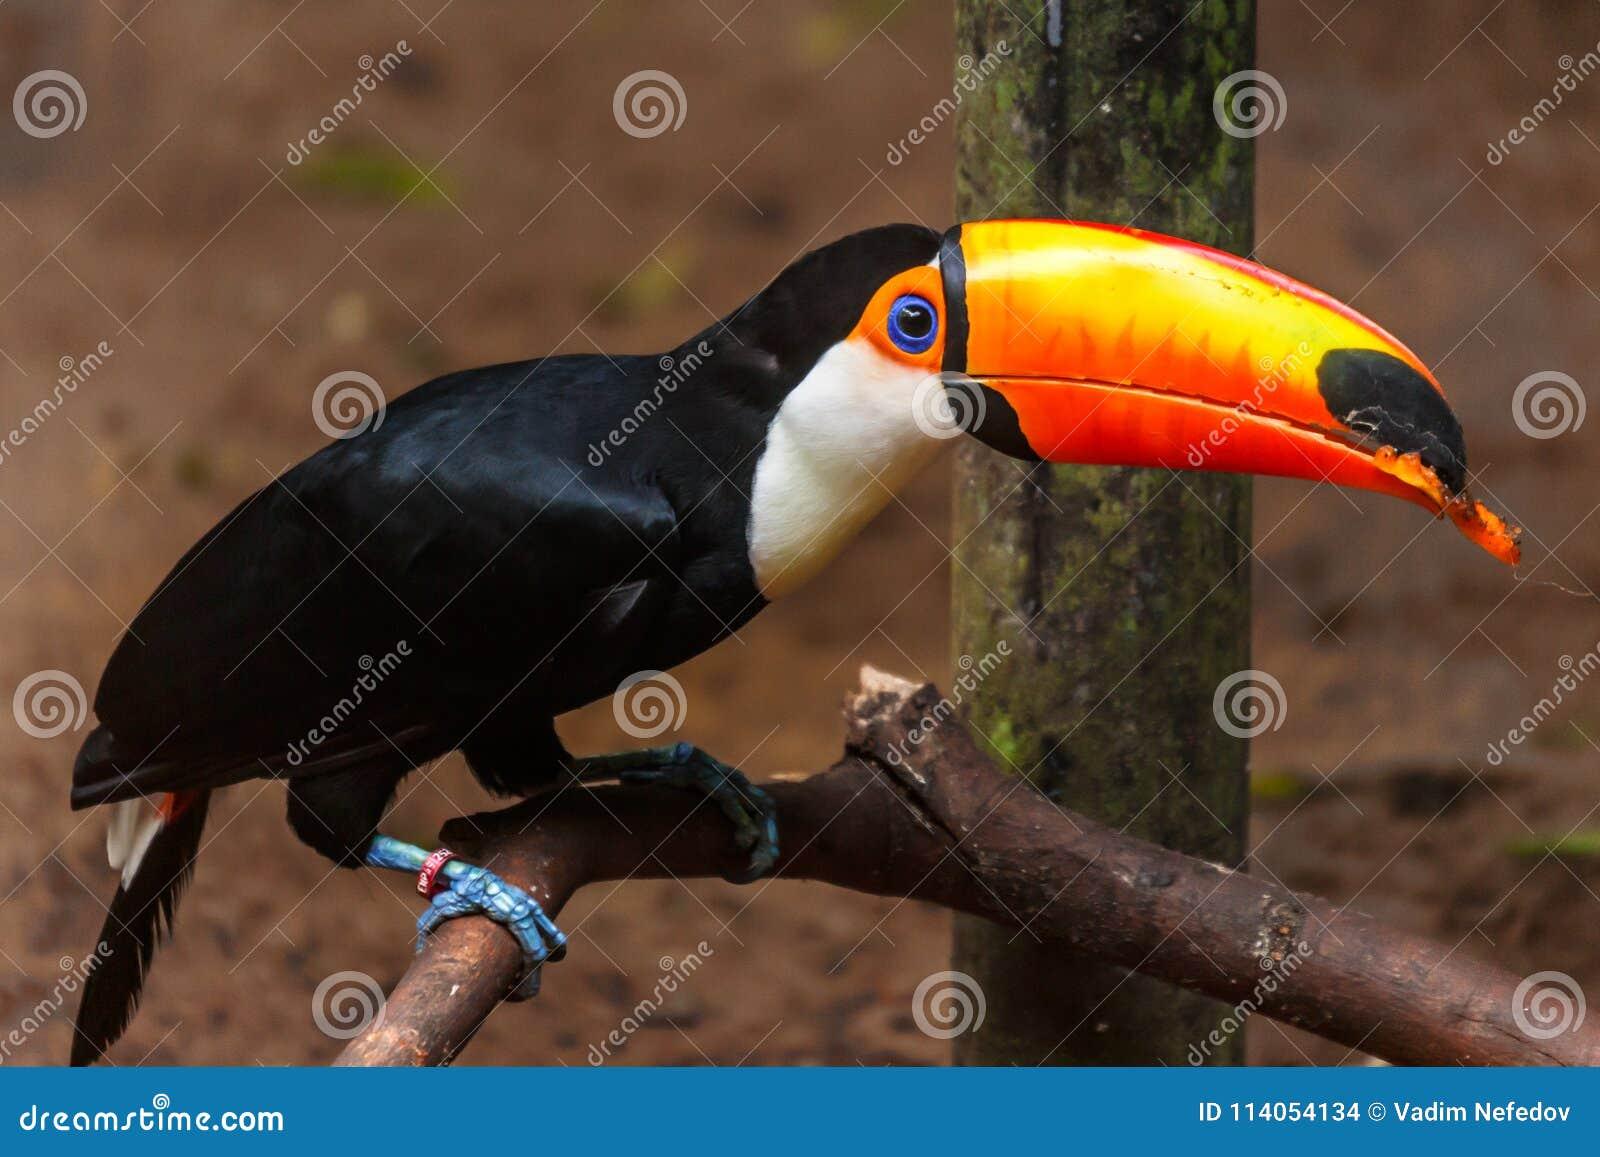 μεγάλο πουλί τρίο γίγαντας μαύρο κώλο πορνό